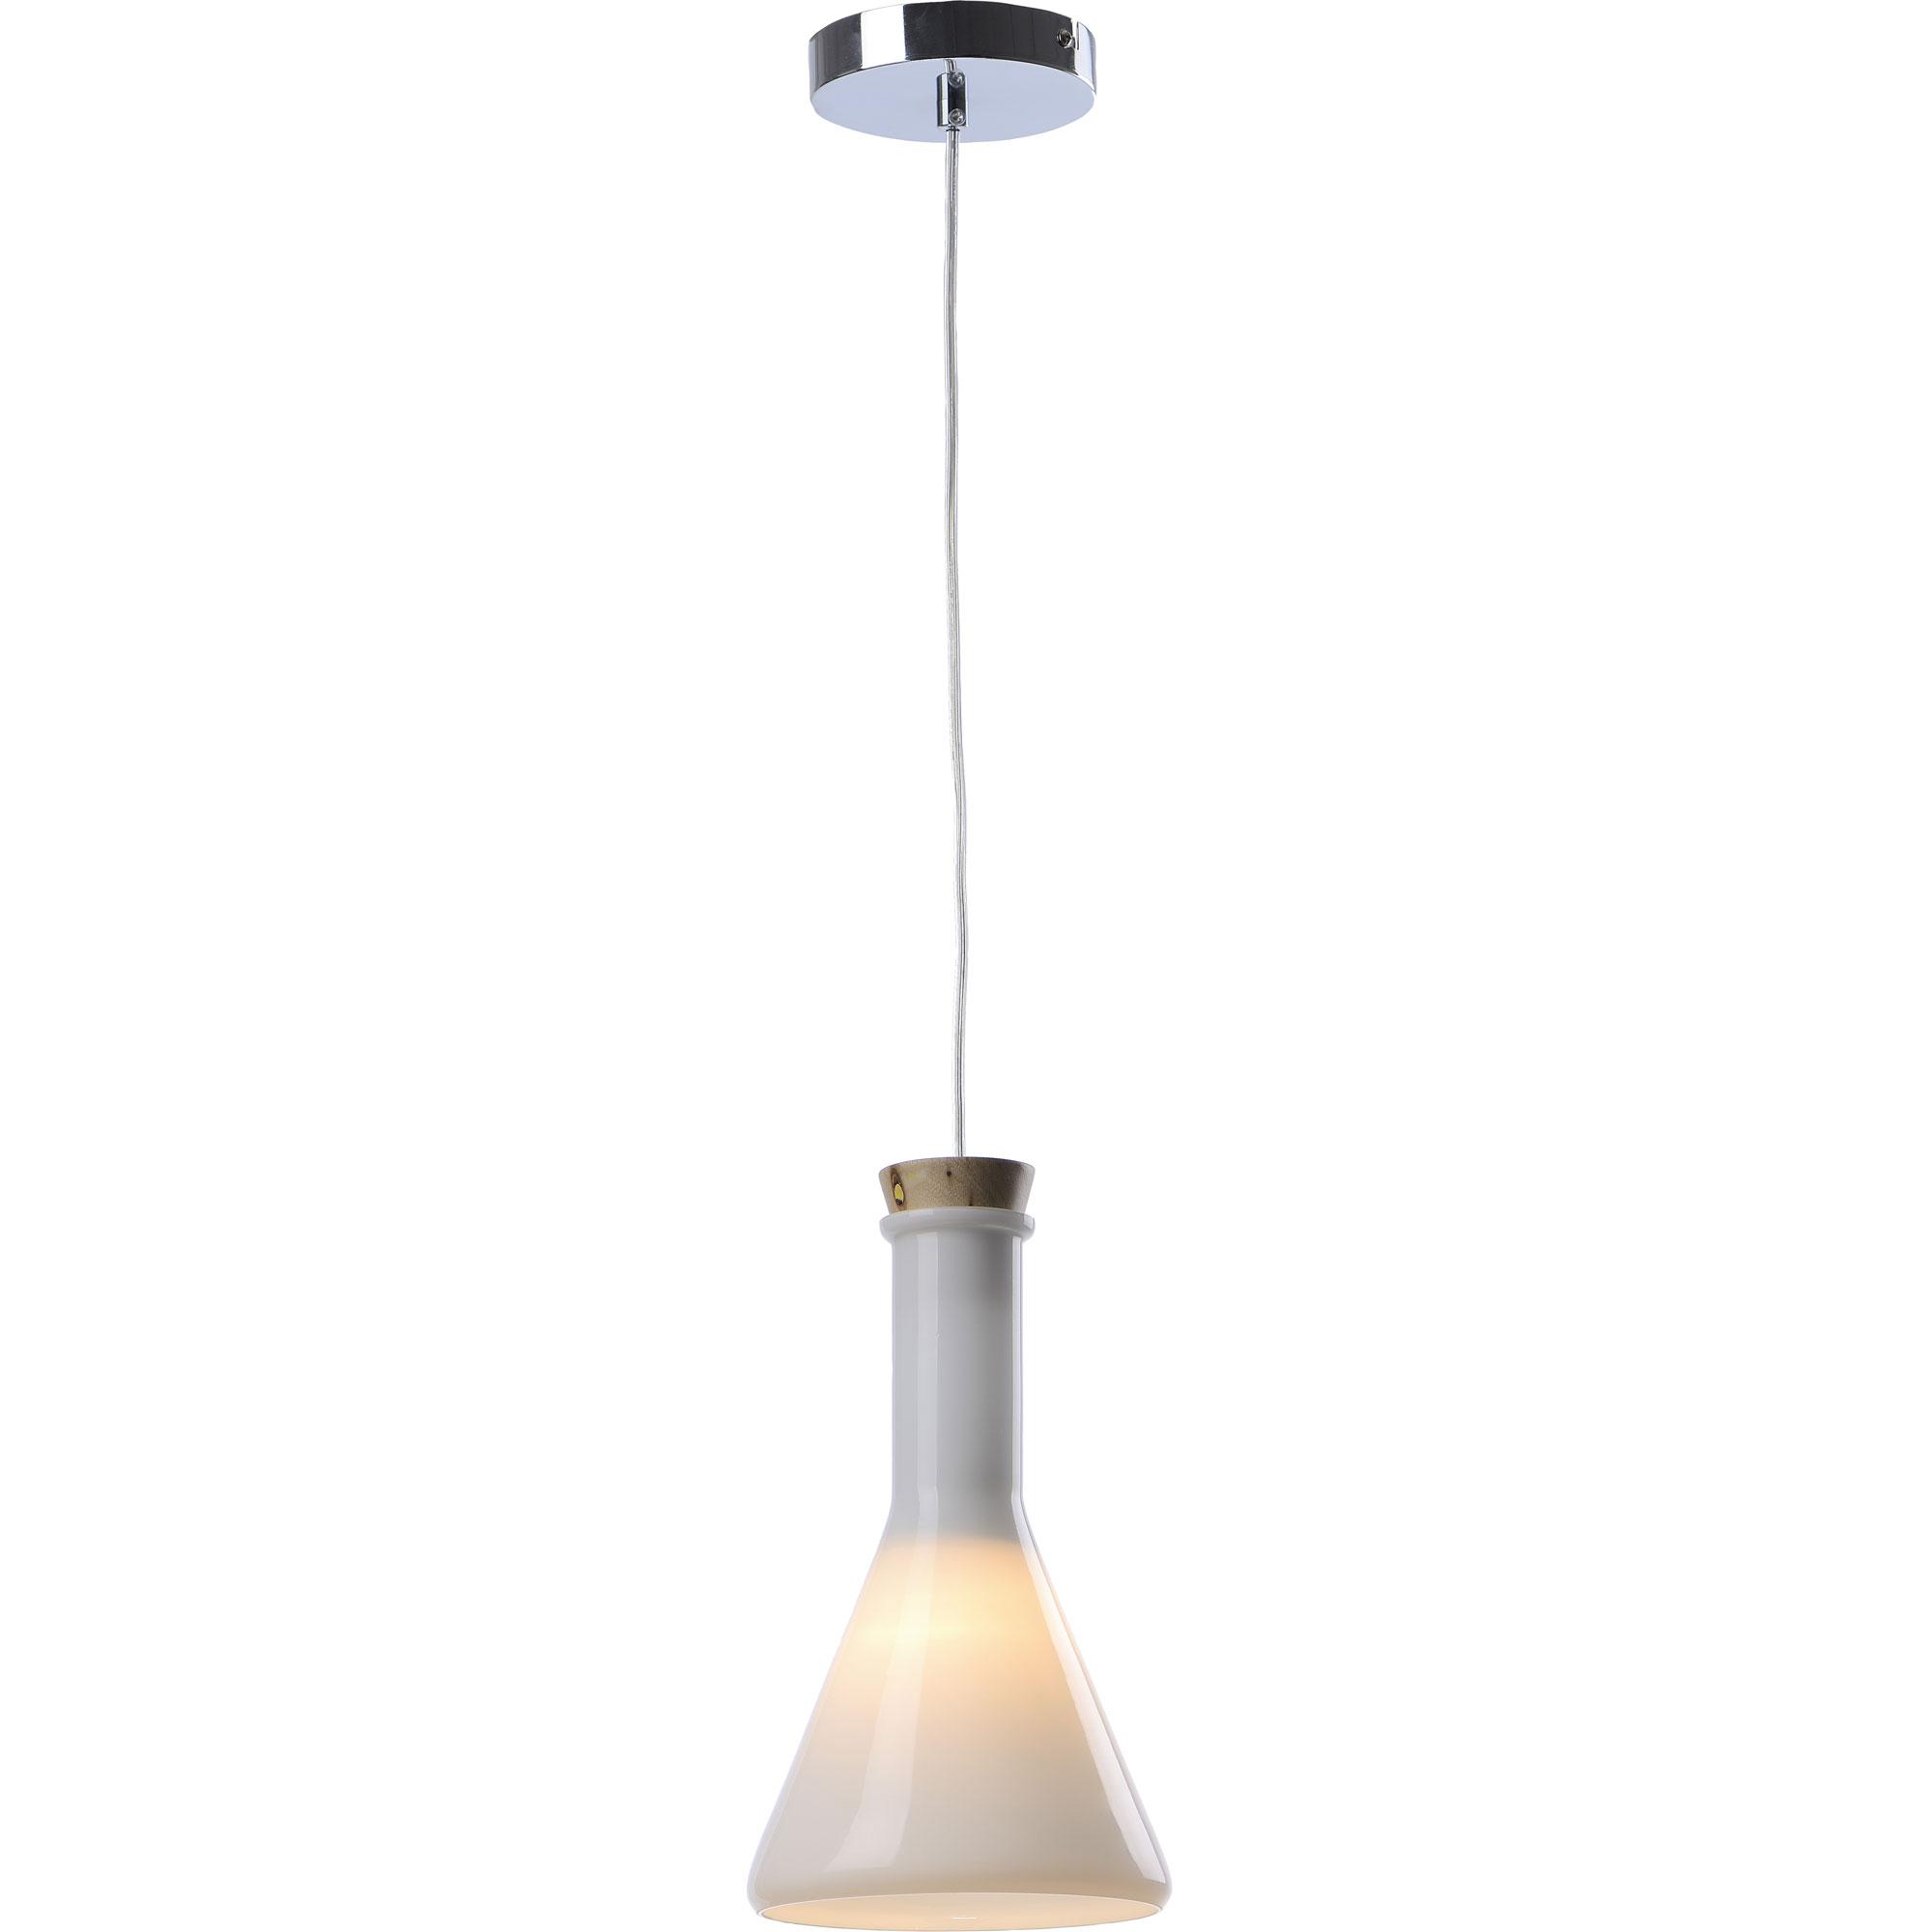 Светильник подвесной LoftСветильники подвесные<br>Количество ламп: 1,<br>Мощность: 60,<br>Назначение светильника: подвесной,<br>Стиль светильника: стимпанк,<br>Материал светильника: металл, стекло,<br>Высота: 1200,<br>Длина (мм): 310,<br>Ширина: 170,<br>Тип лампы: накаливания,<br>Патрон: Е27,<br>Цвет арматуры: хром<br>